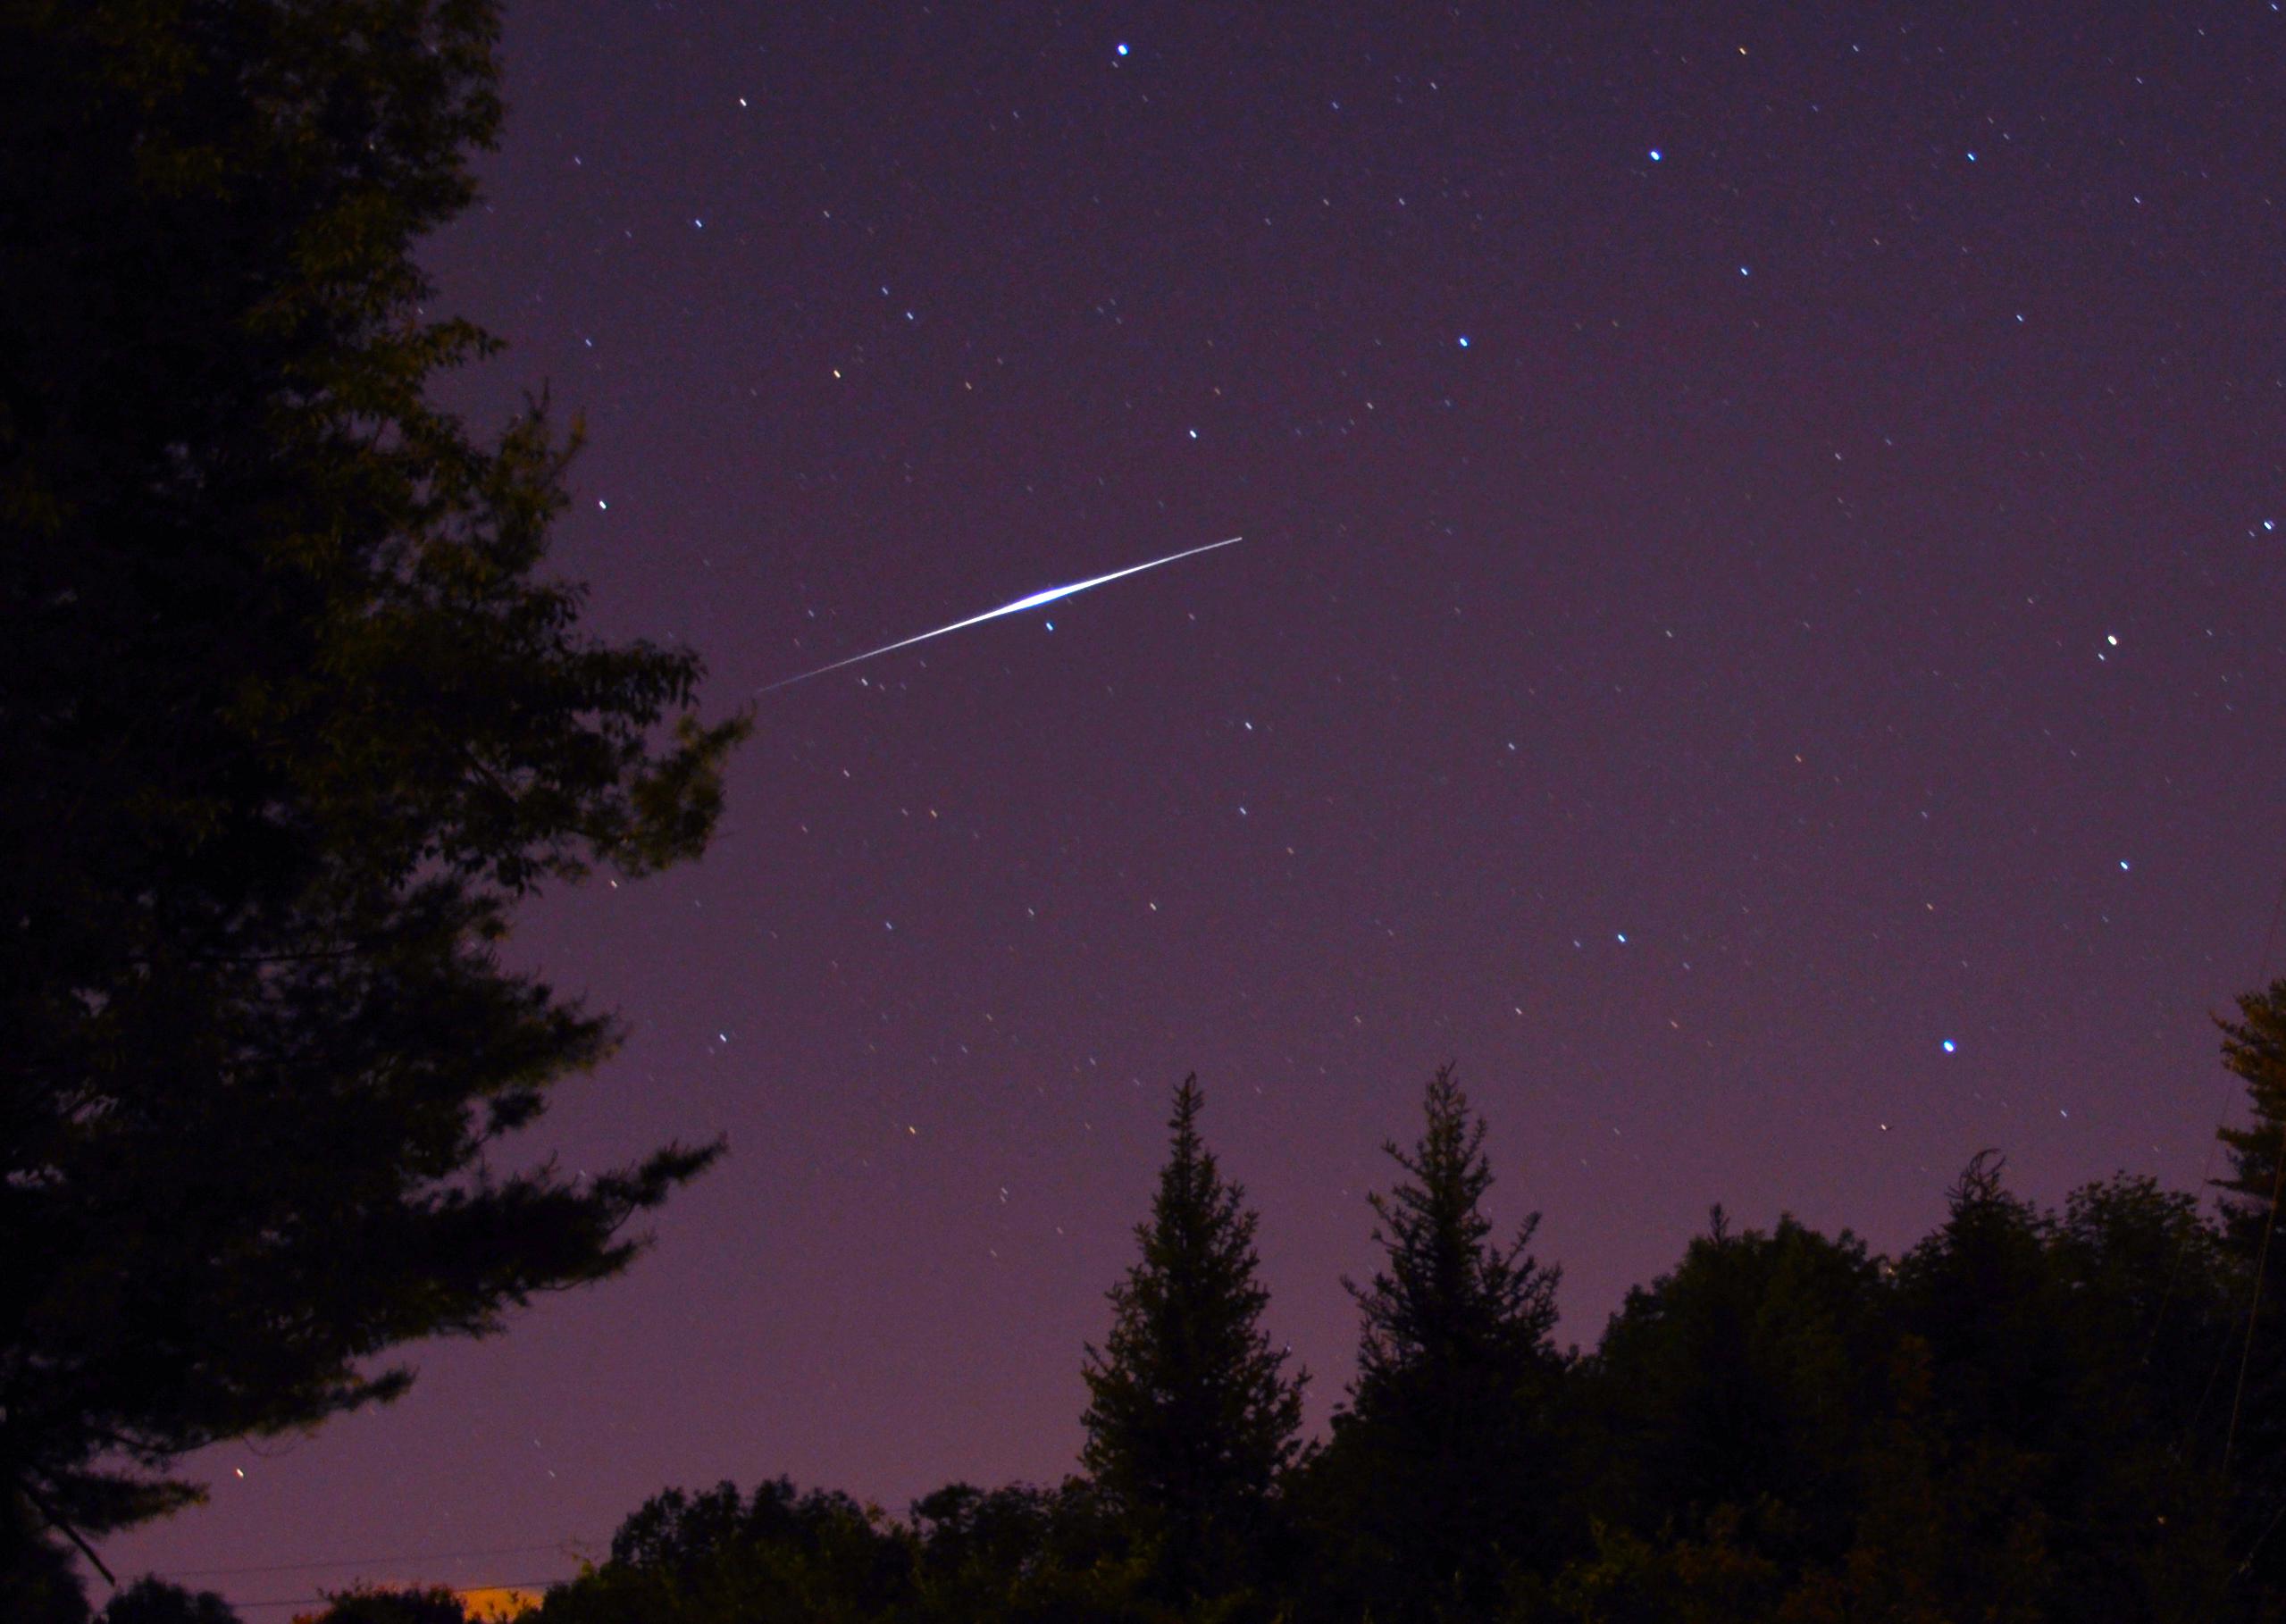 Perseid Meteor Shower Viewing